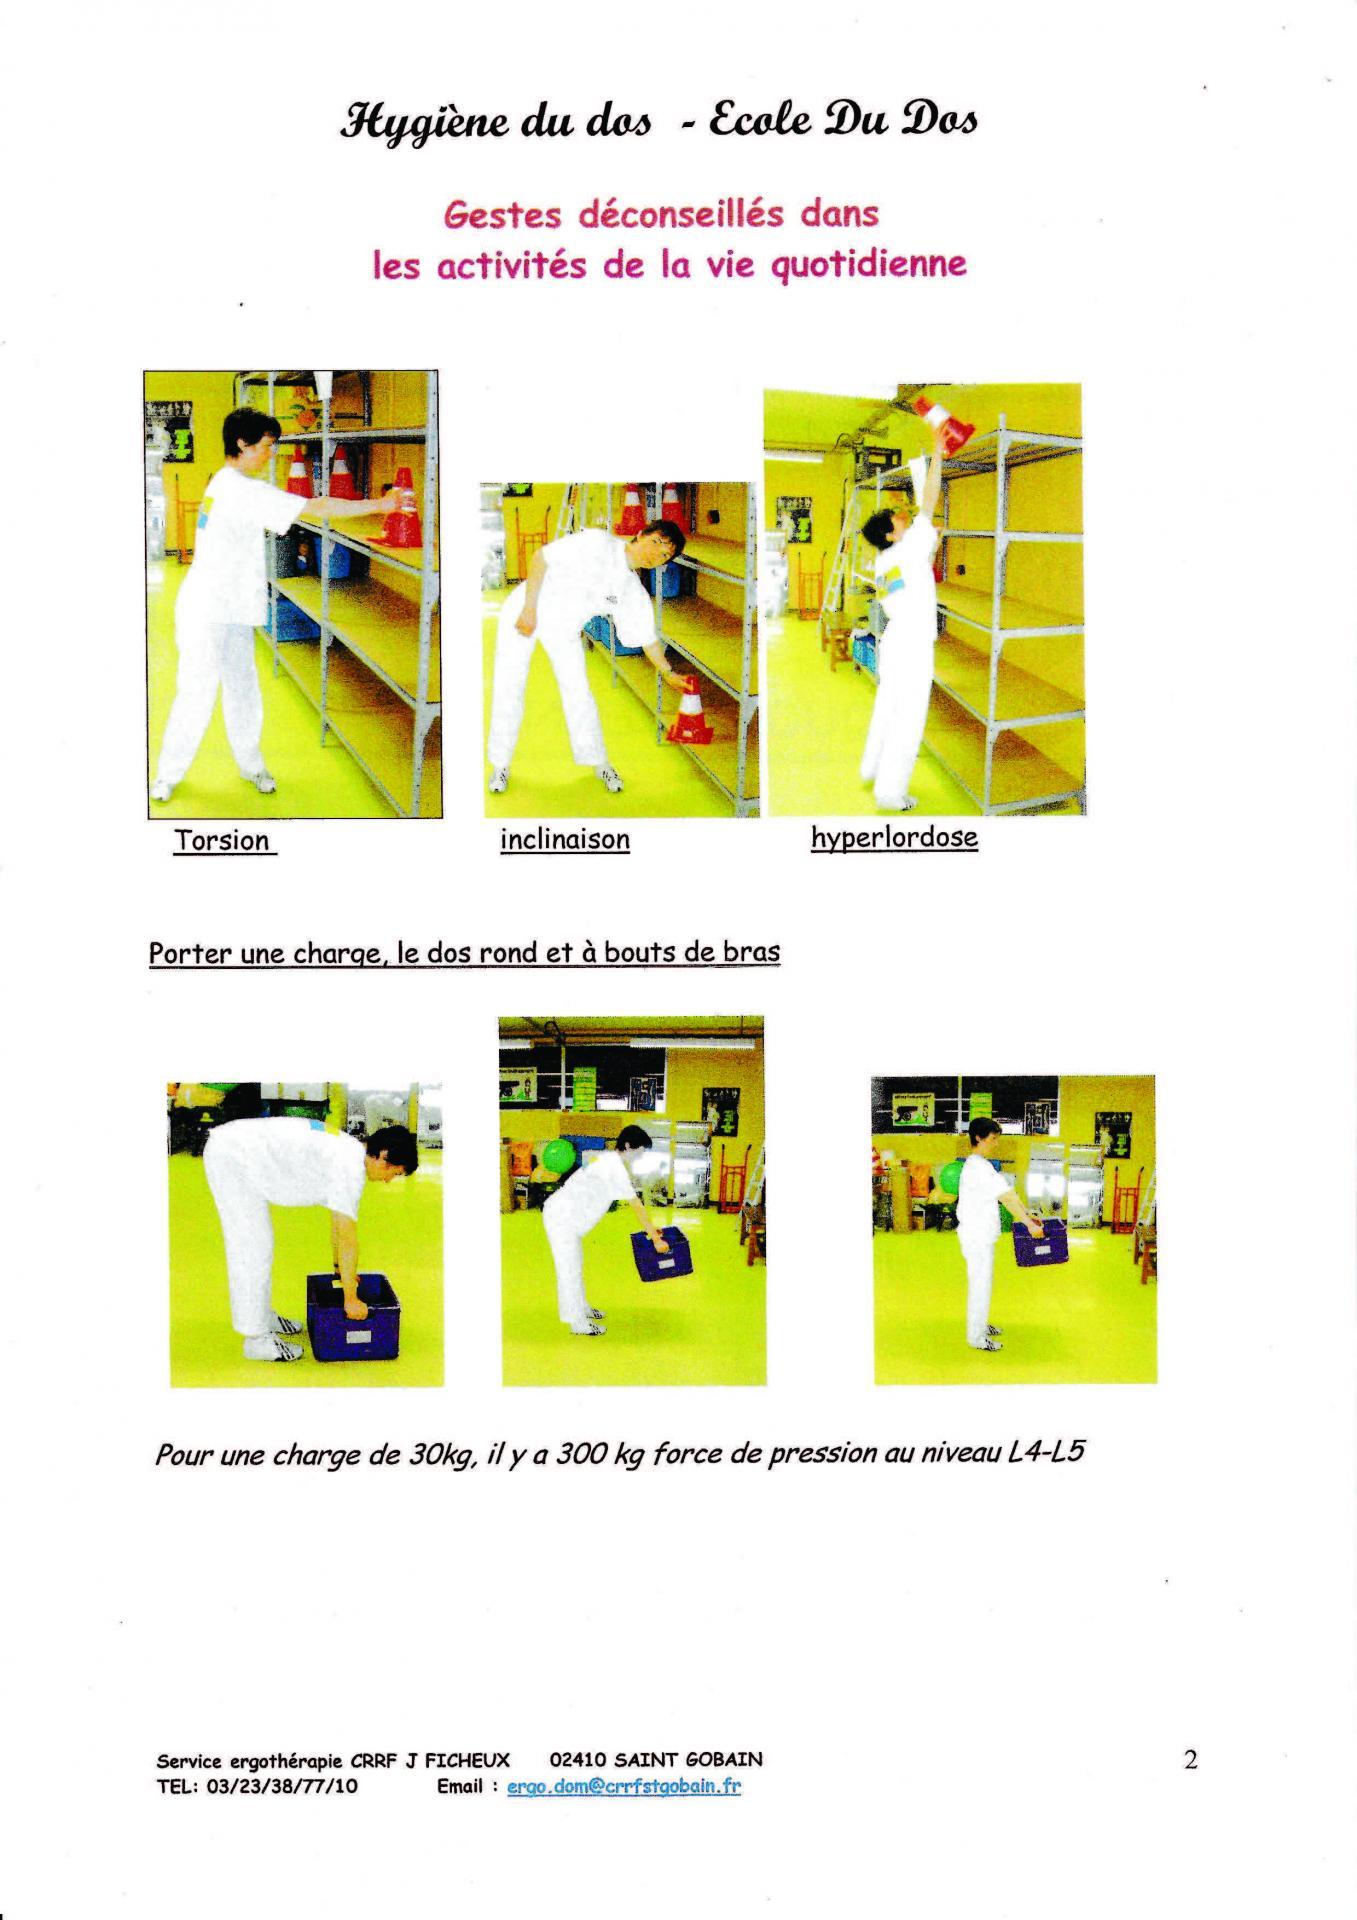 Ecole du dos pdfbis page 02